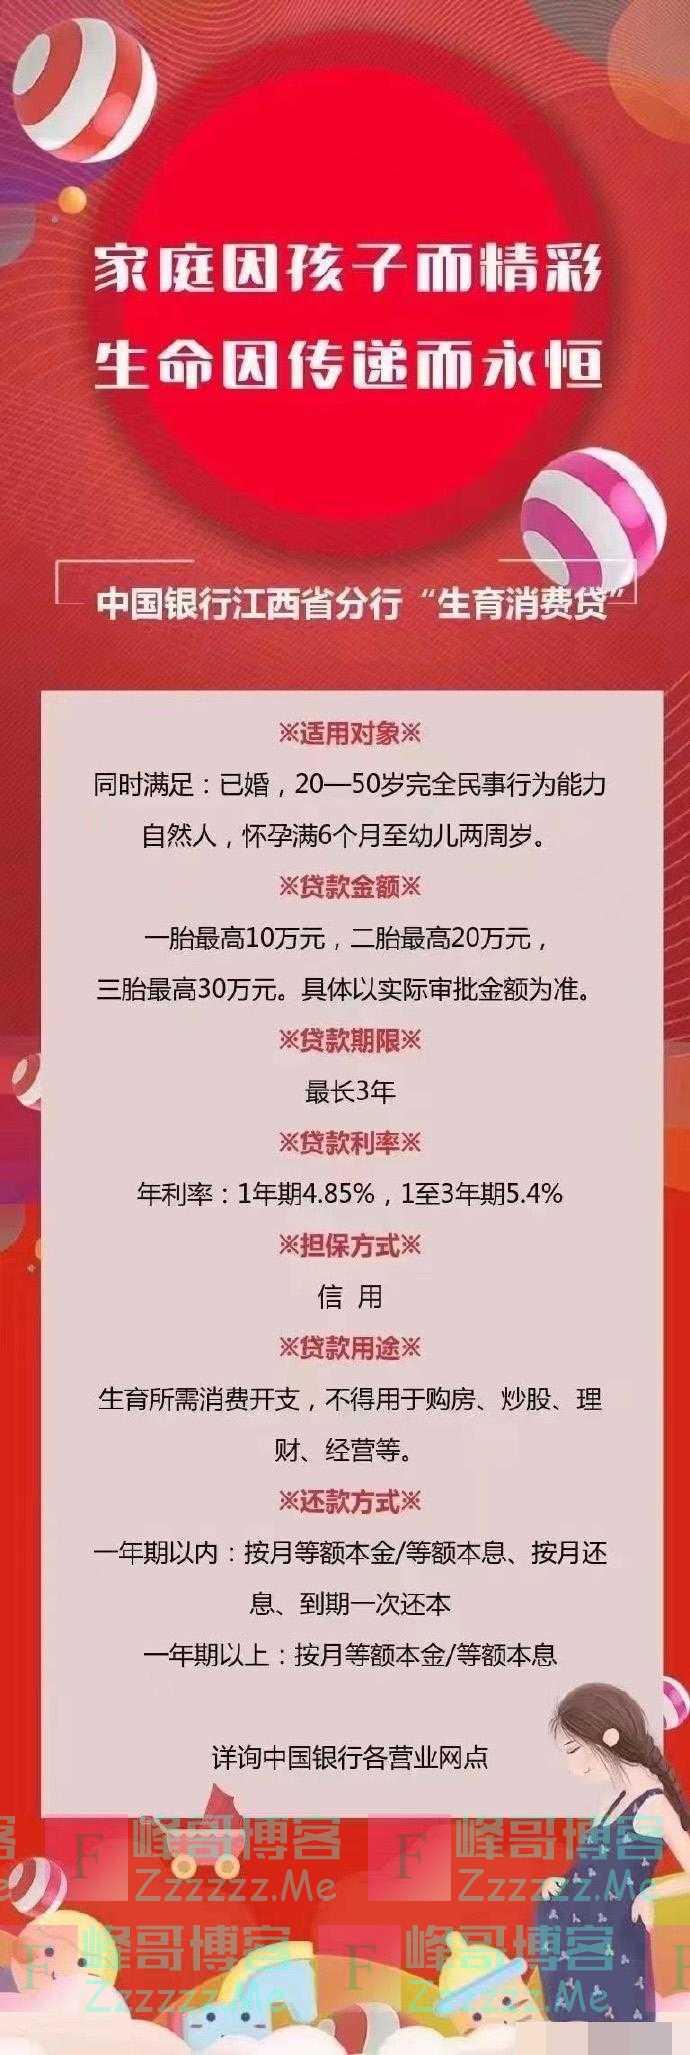 """""""生育消费贷""""三胎最高贷30万?中国银行江西省分行回应"""